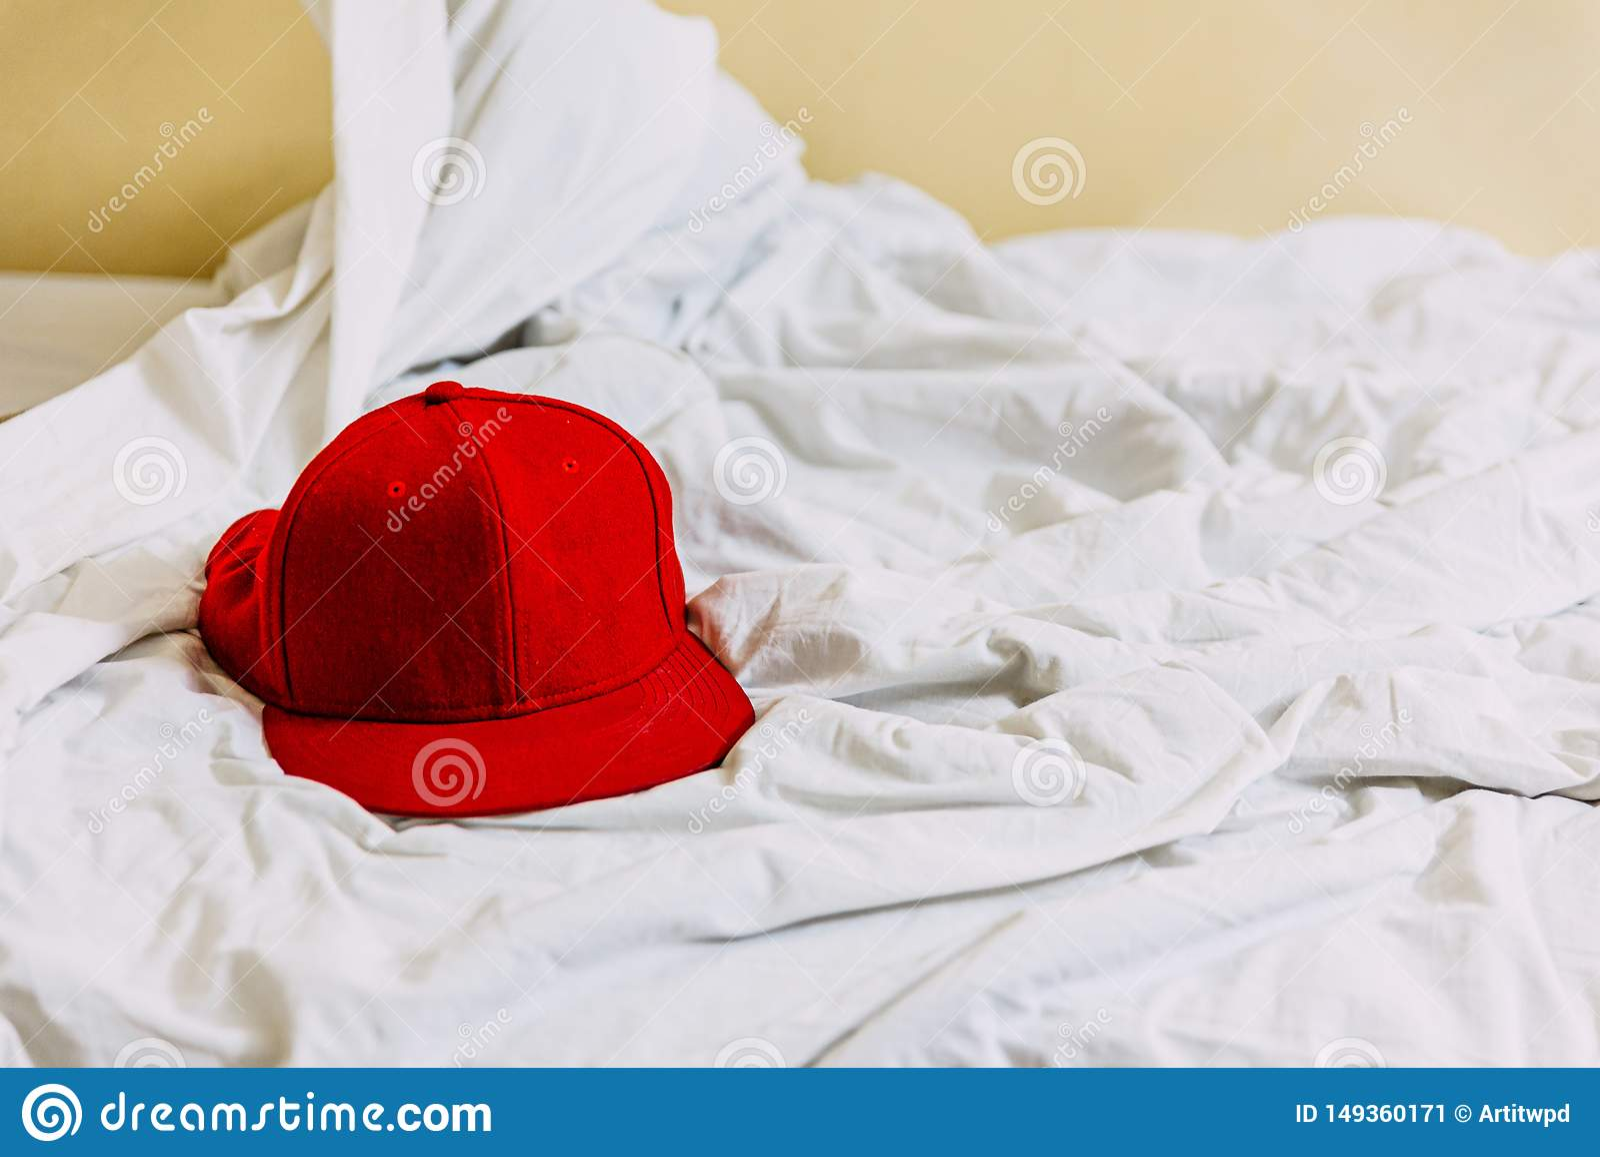 Красная шляпа на левой стороне над белым одеялом на кровати с желтой предпосылкой